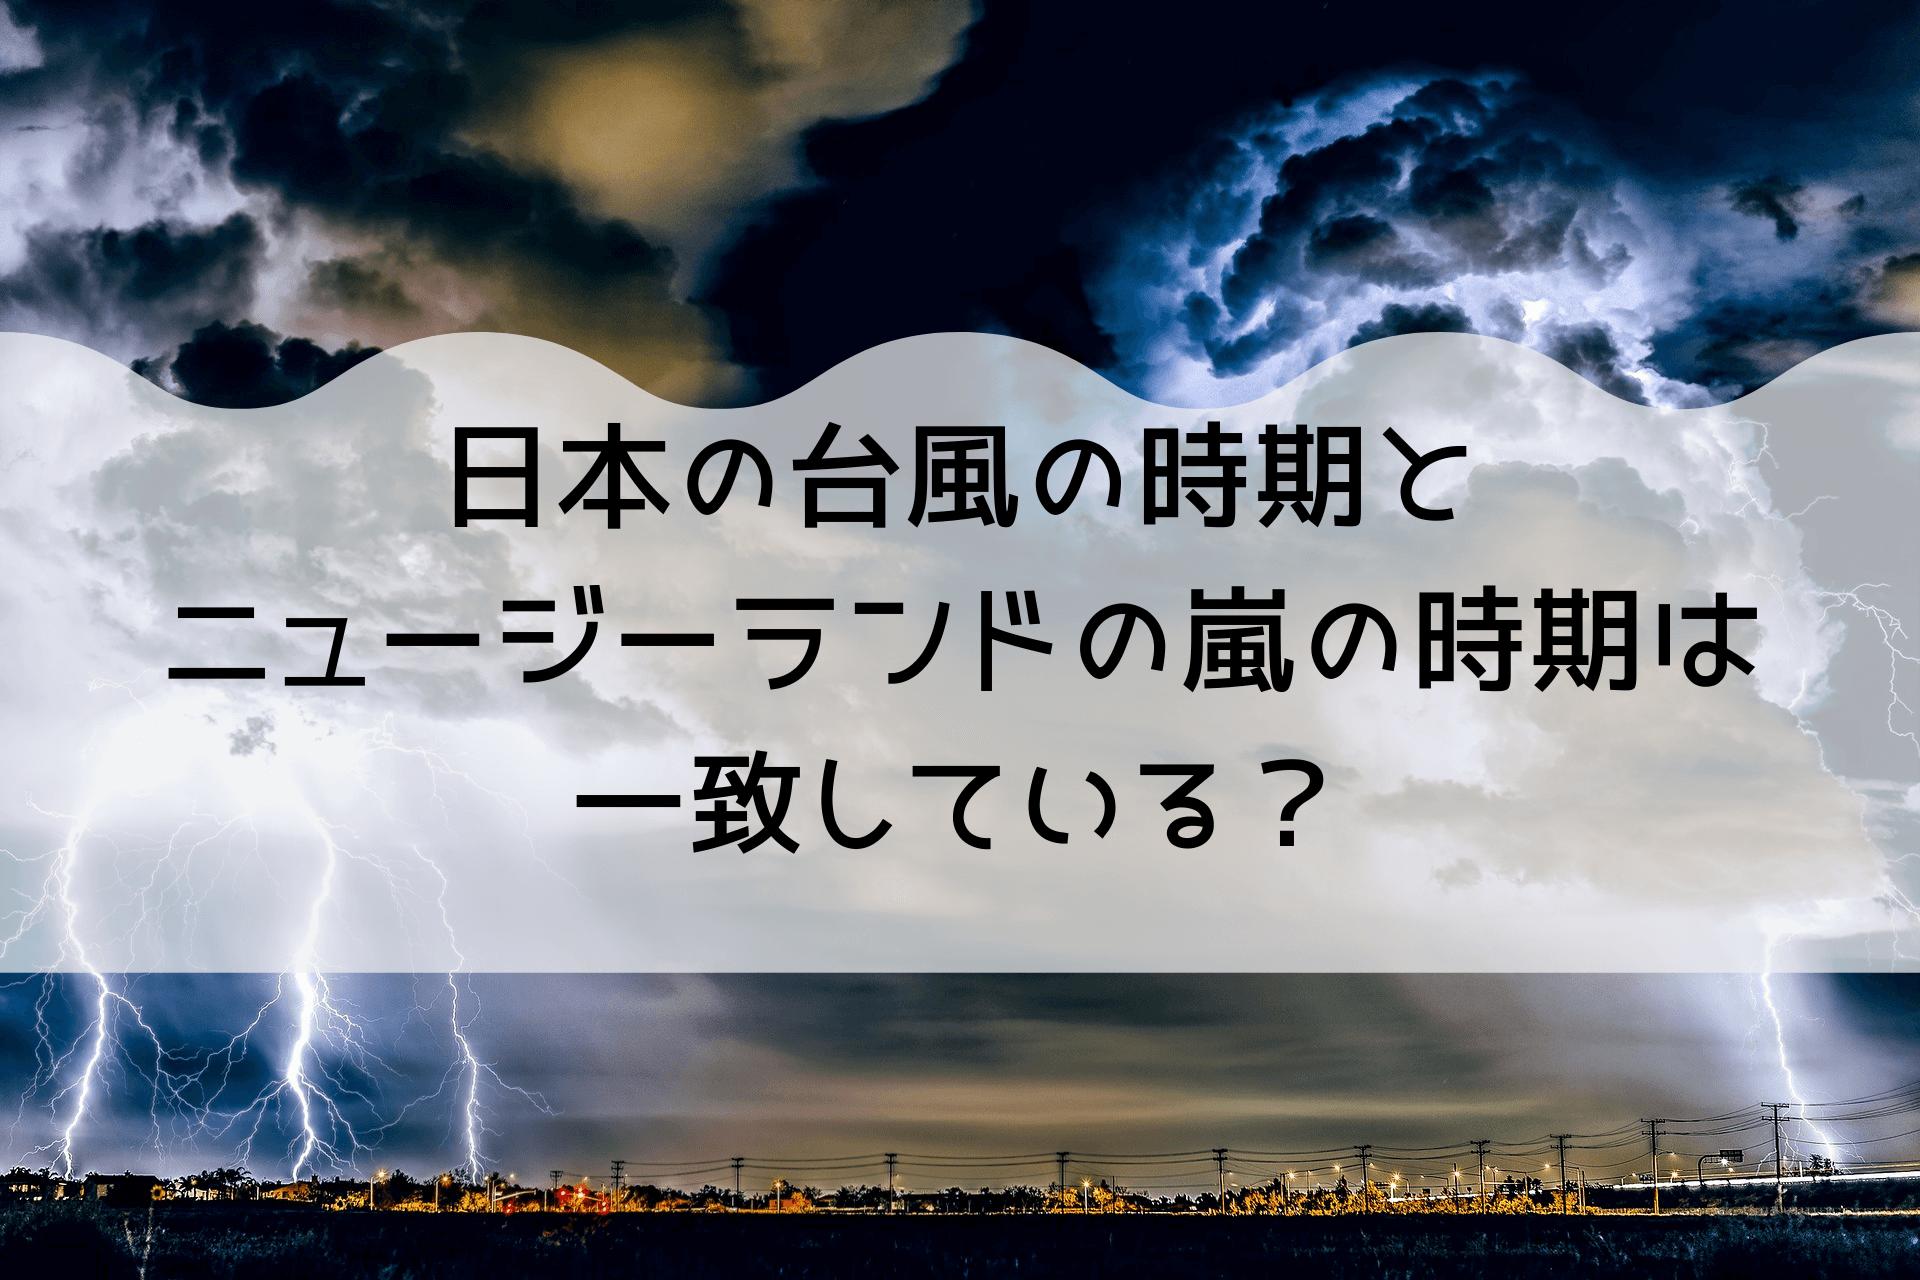 日本の台風の時期とニュージーランドの嵐の時期は一致している? (1)